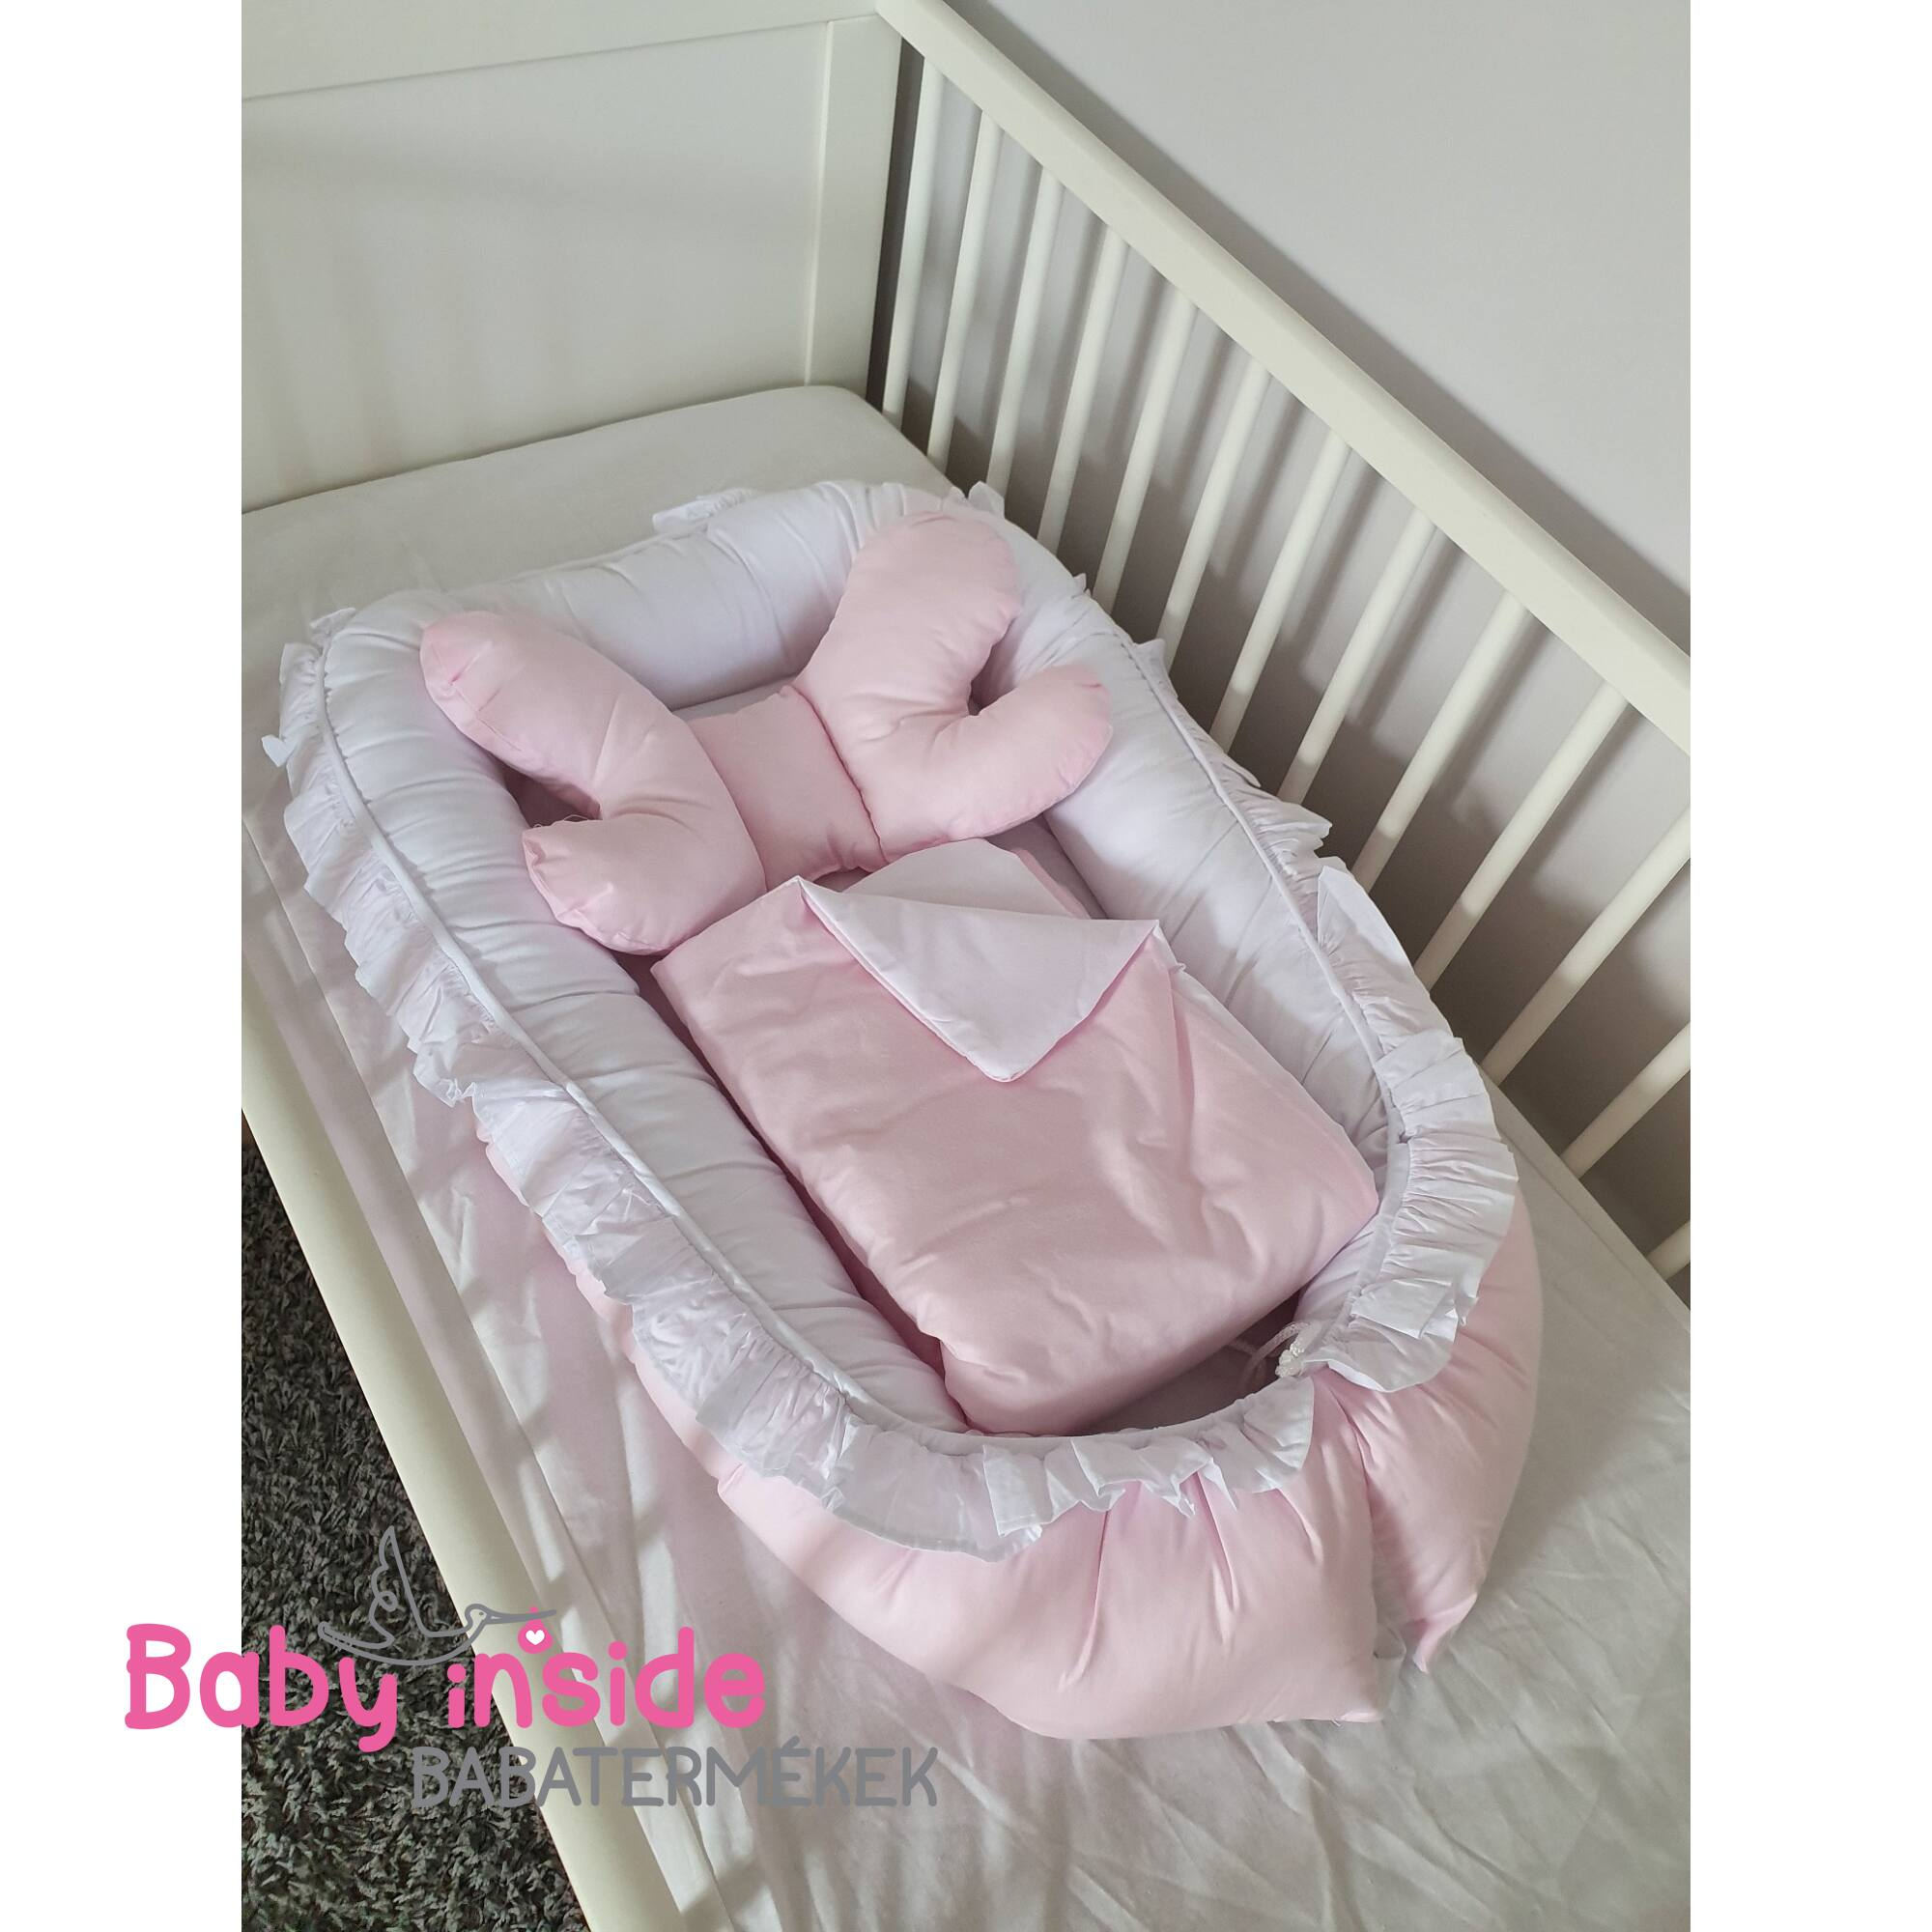 Babafészek LUX újszülött csomag fehér-rózsaszín